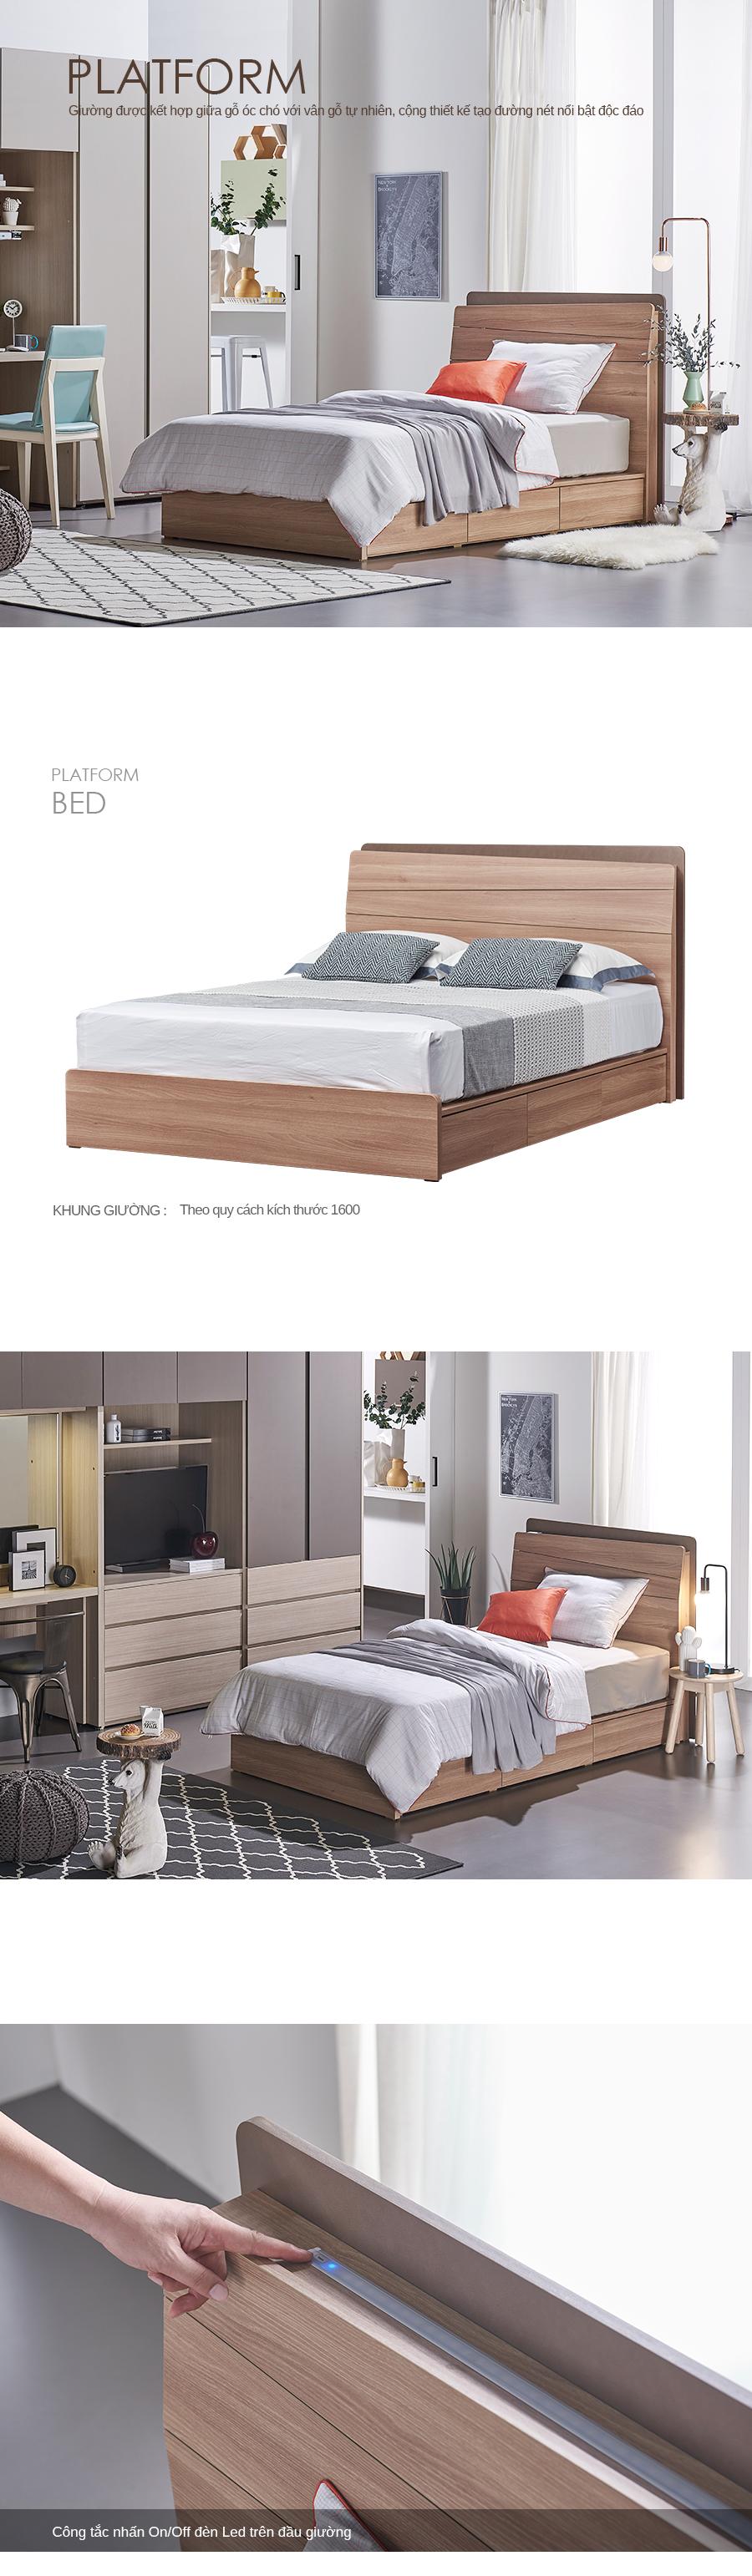 Giường ngủ 1.6M Platform